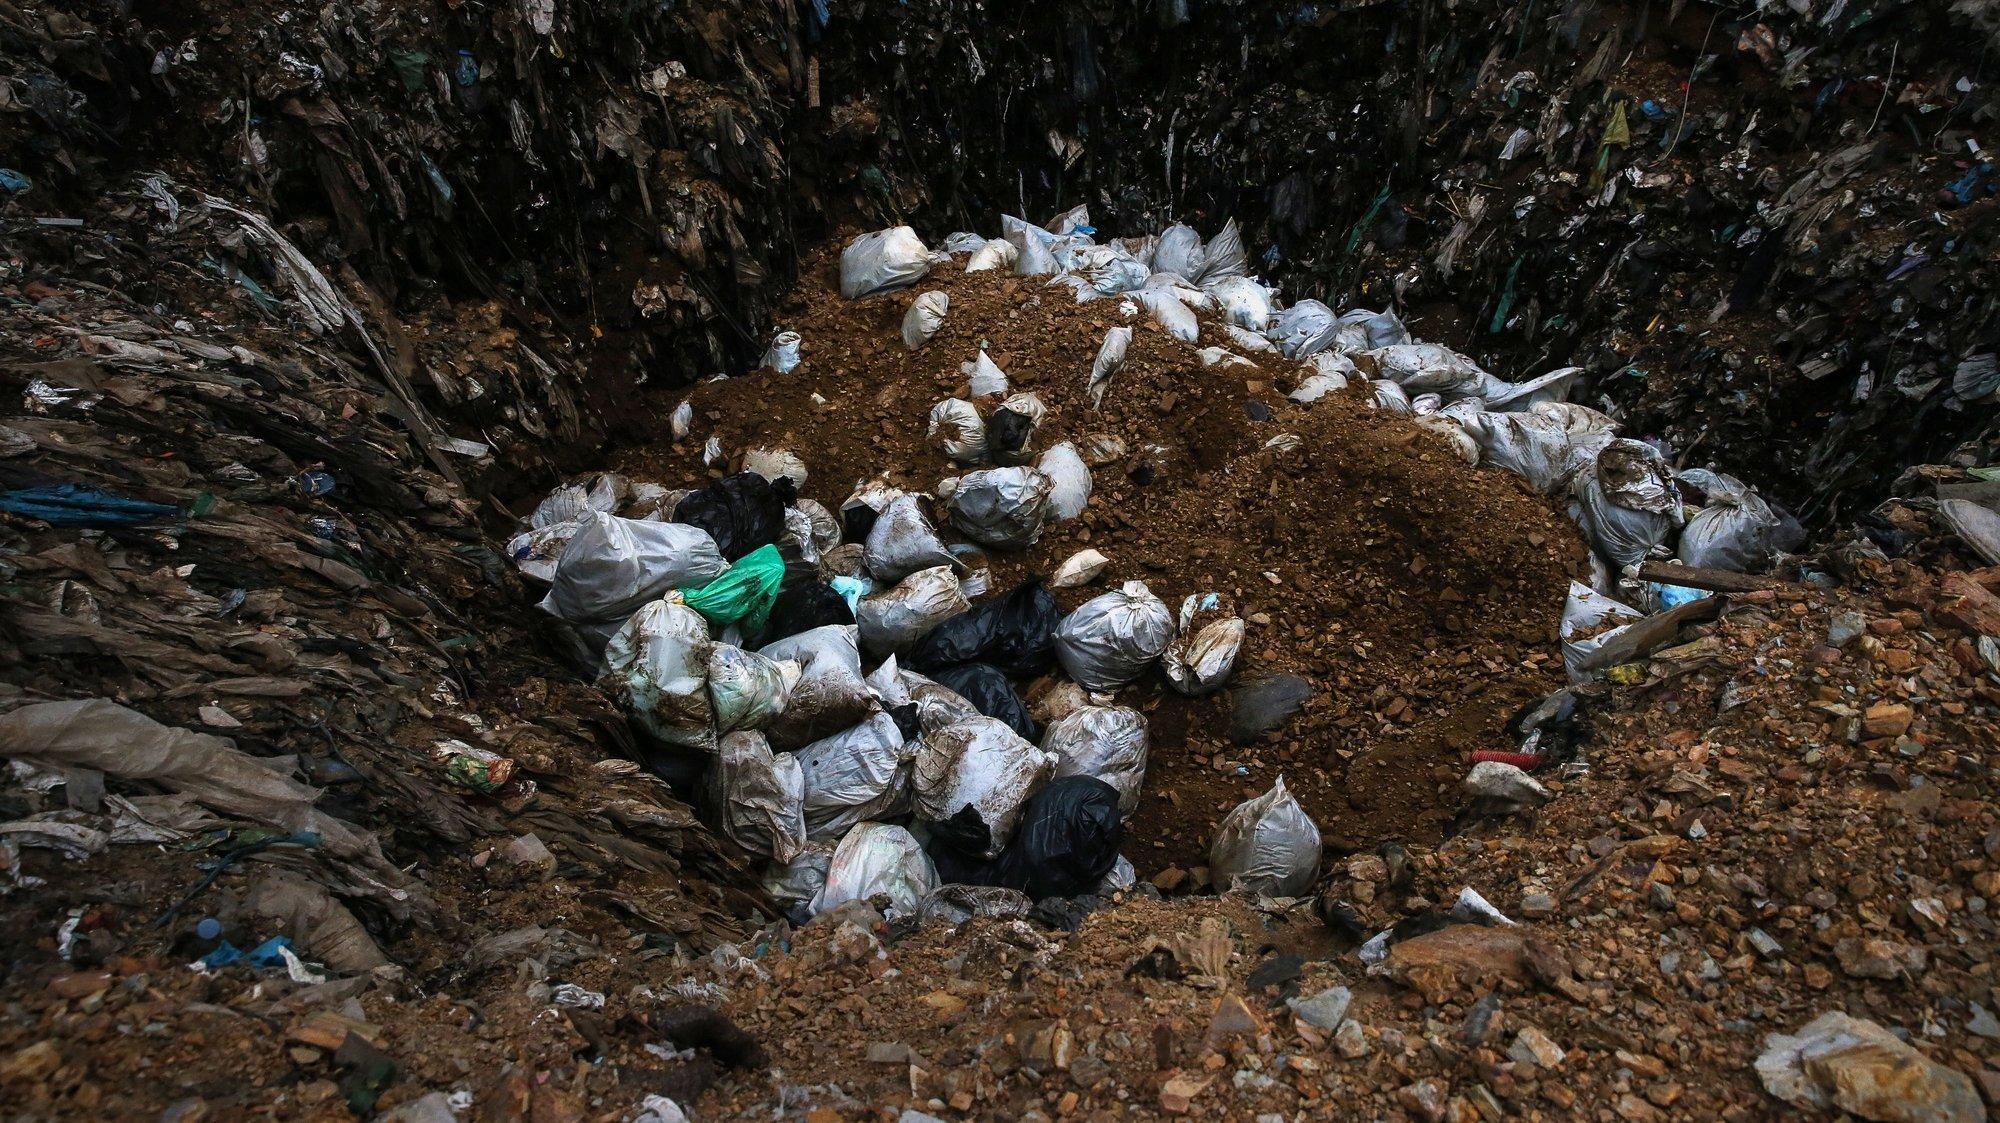 Equipas de Recolha de Resíduos Sólidos Urbanos (RSU) estão a fazer um circuito especial para a recolha do lixo contaminado na região do planalto beirão, 24 de Abril.  Os resíduos sólidos urbanos provenientes de edifícios com pessoas infetadas pela covid-19, nos 19 concelhos que compõem a Associação de Municípios da Região do Planalto Beirão têm um circuito próprio e um aterro diferente, Viseu.   (ACOMPANHA TEXTO DO DIA 25 ABRIL 2020). NUNO ANDRE FERREIRA/LUSA